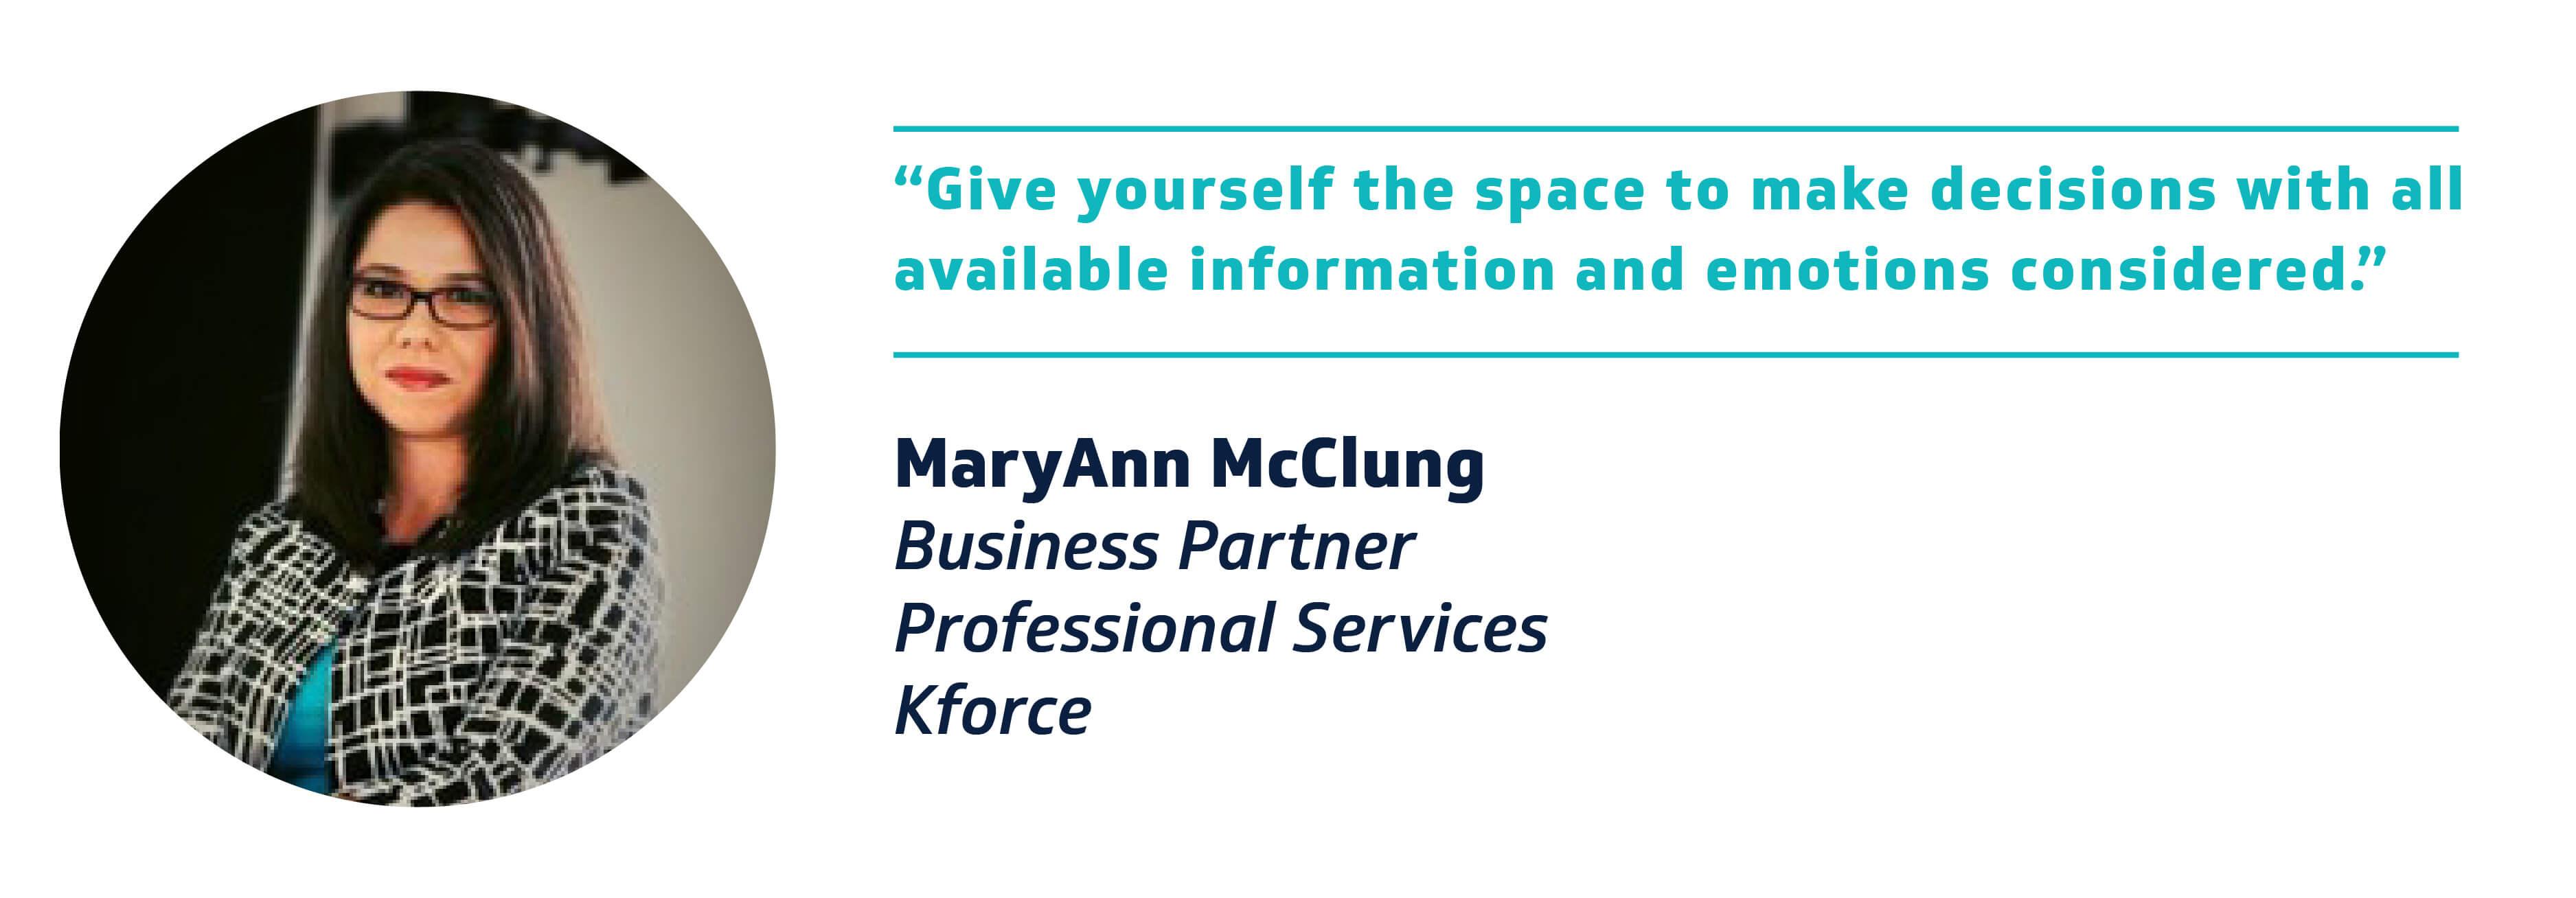 MaryAnn McClung